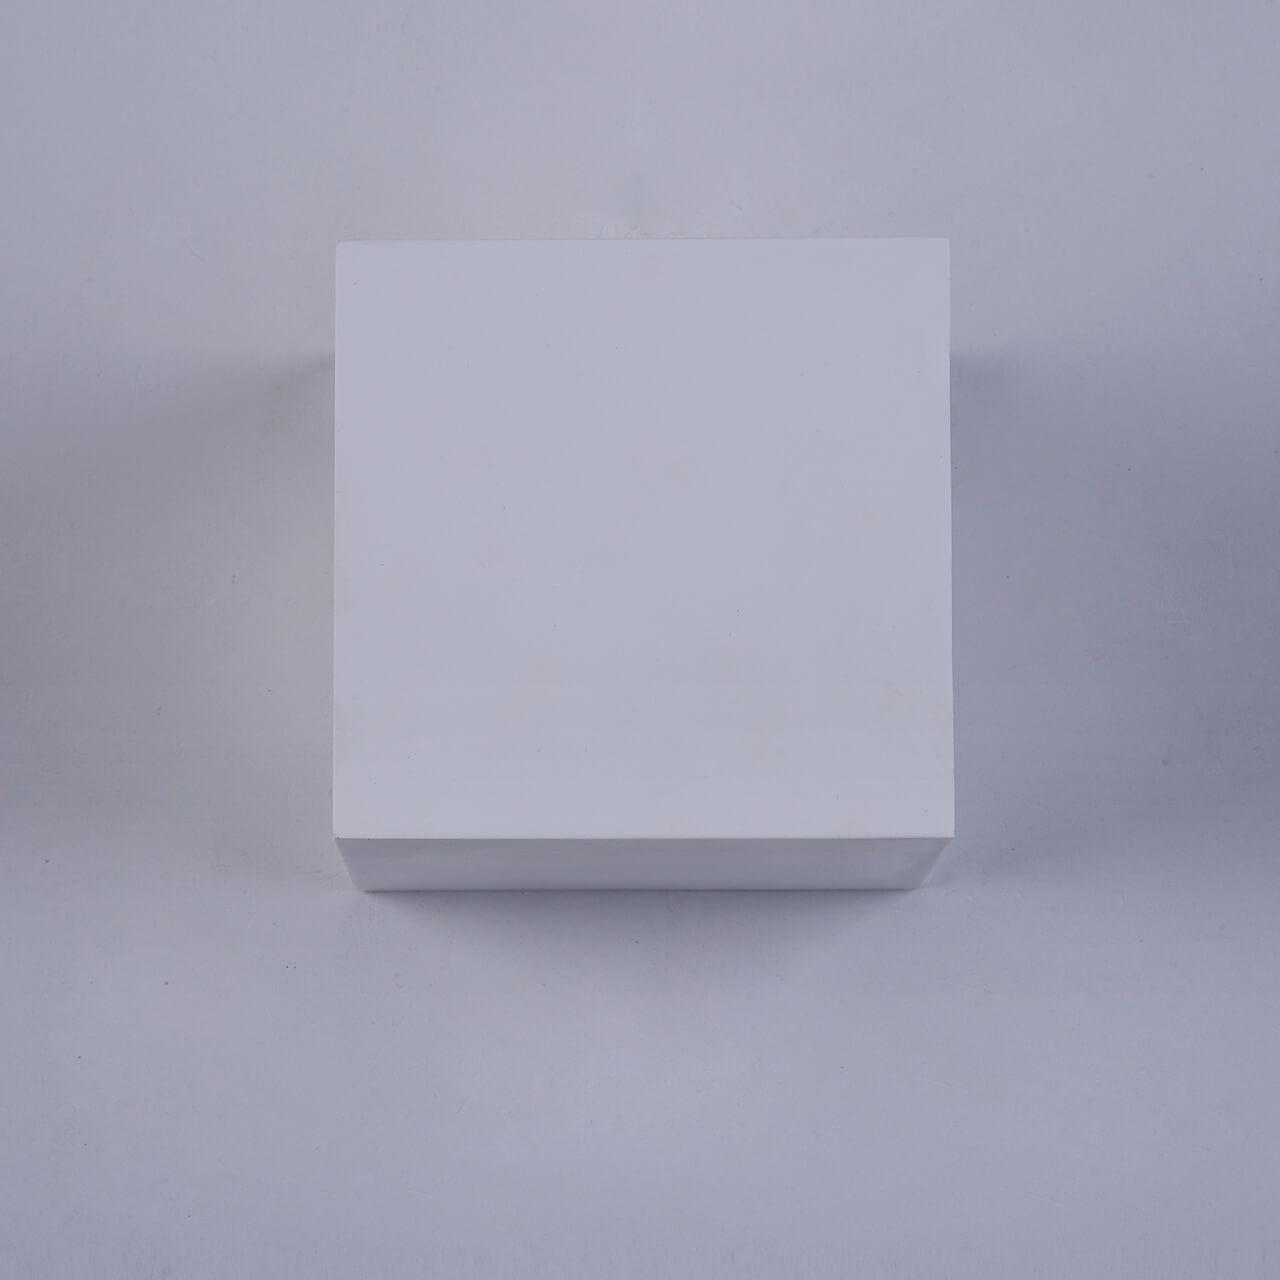 Декоративный светильник Maytoni C155-WL-02-3W-W, LED, 3 Вт